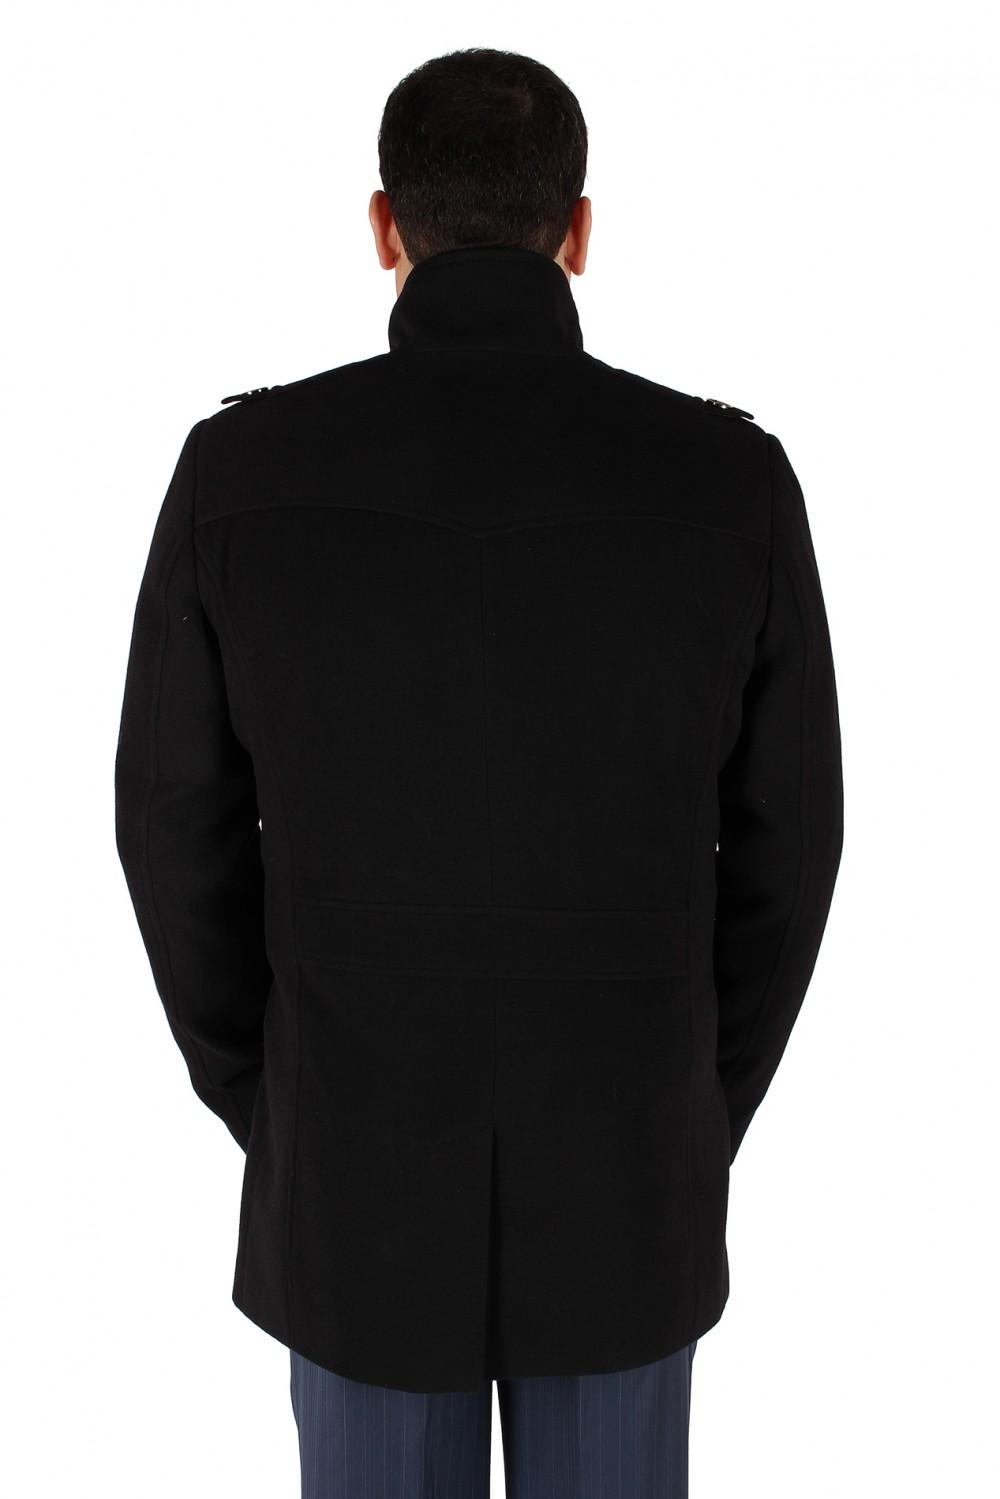 Купить оптом Полупальто мужское черного цвета Кс-25Ch в Казани